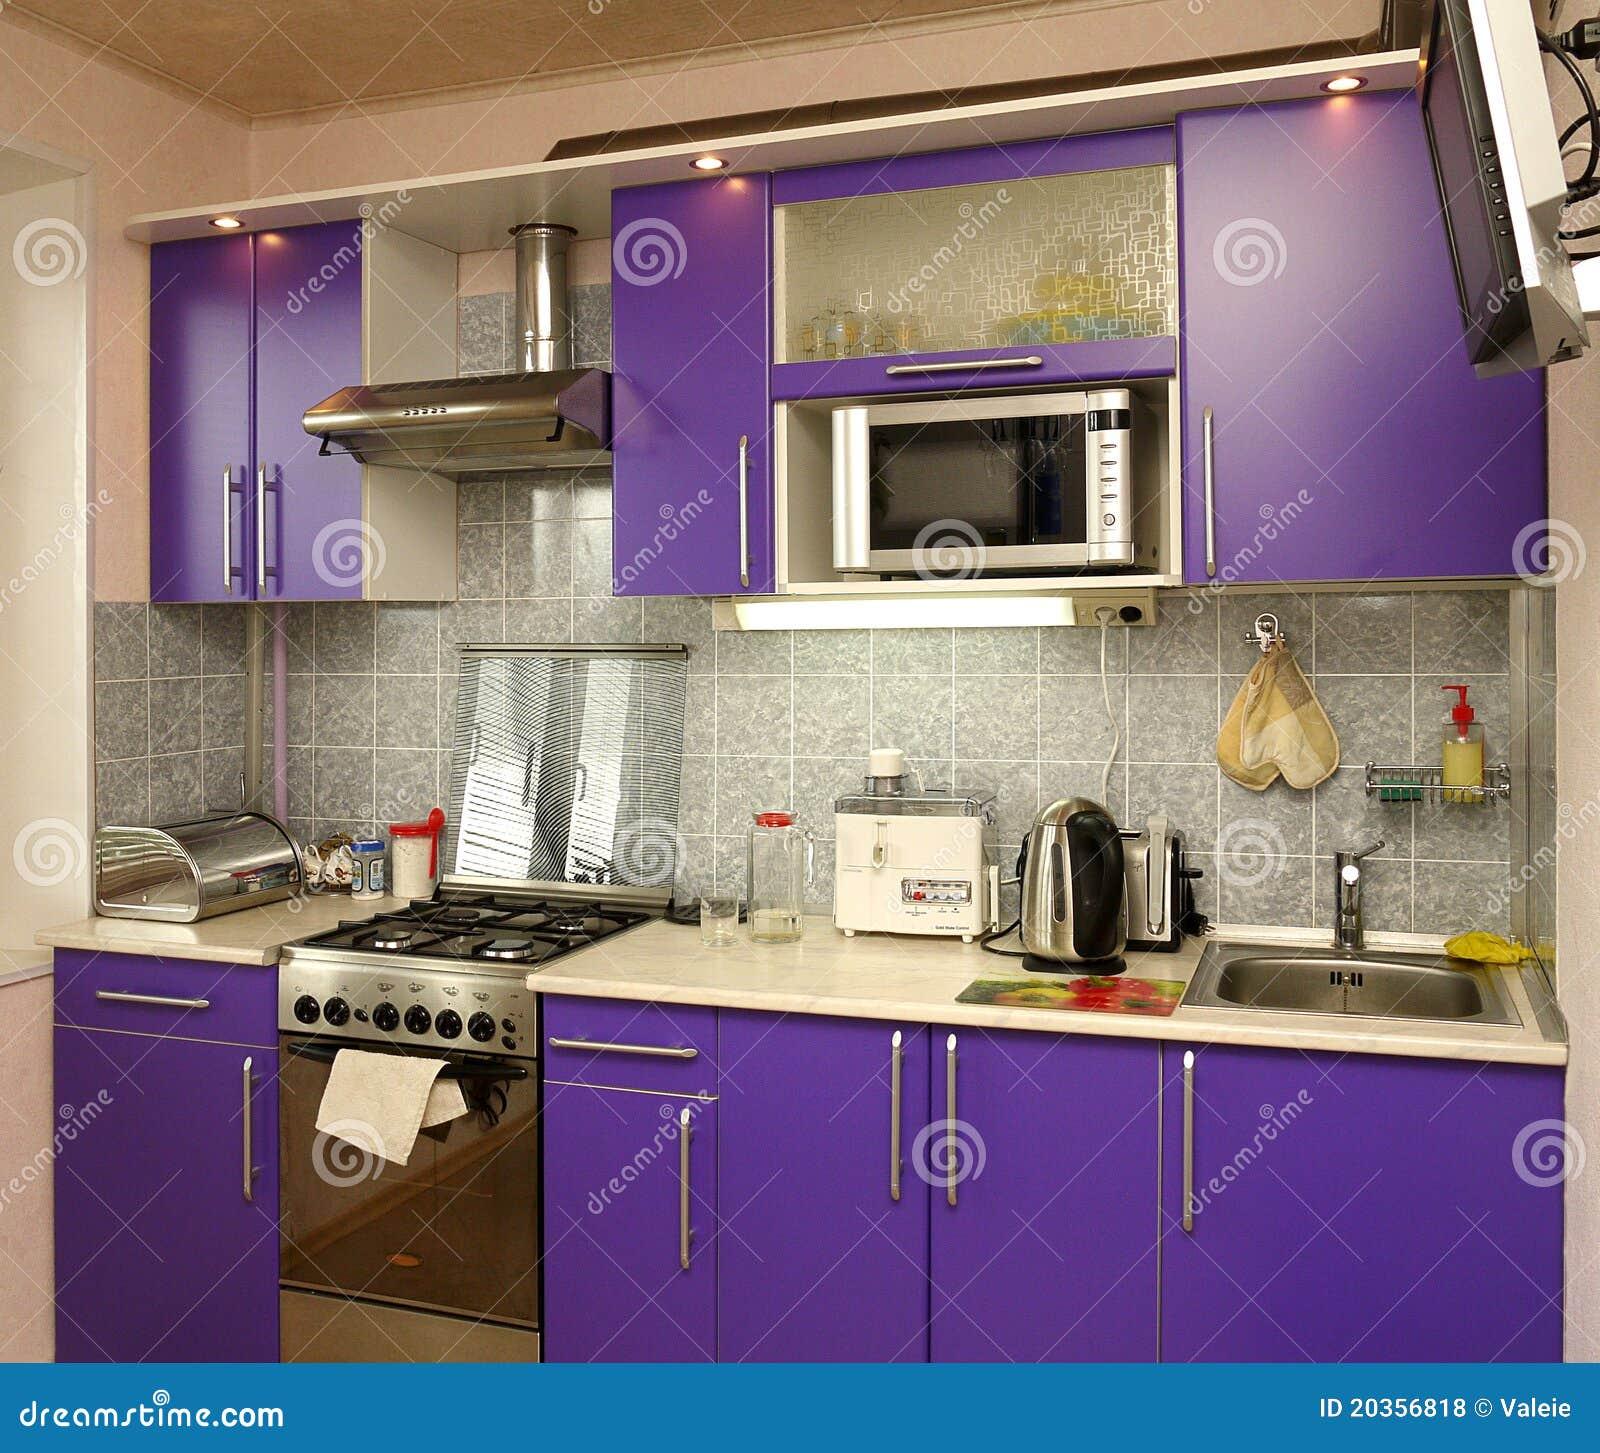 aparatos electrodom sticos en cocina moderna fotos de